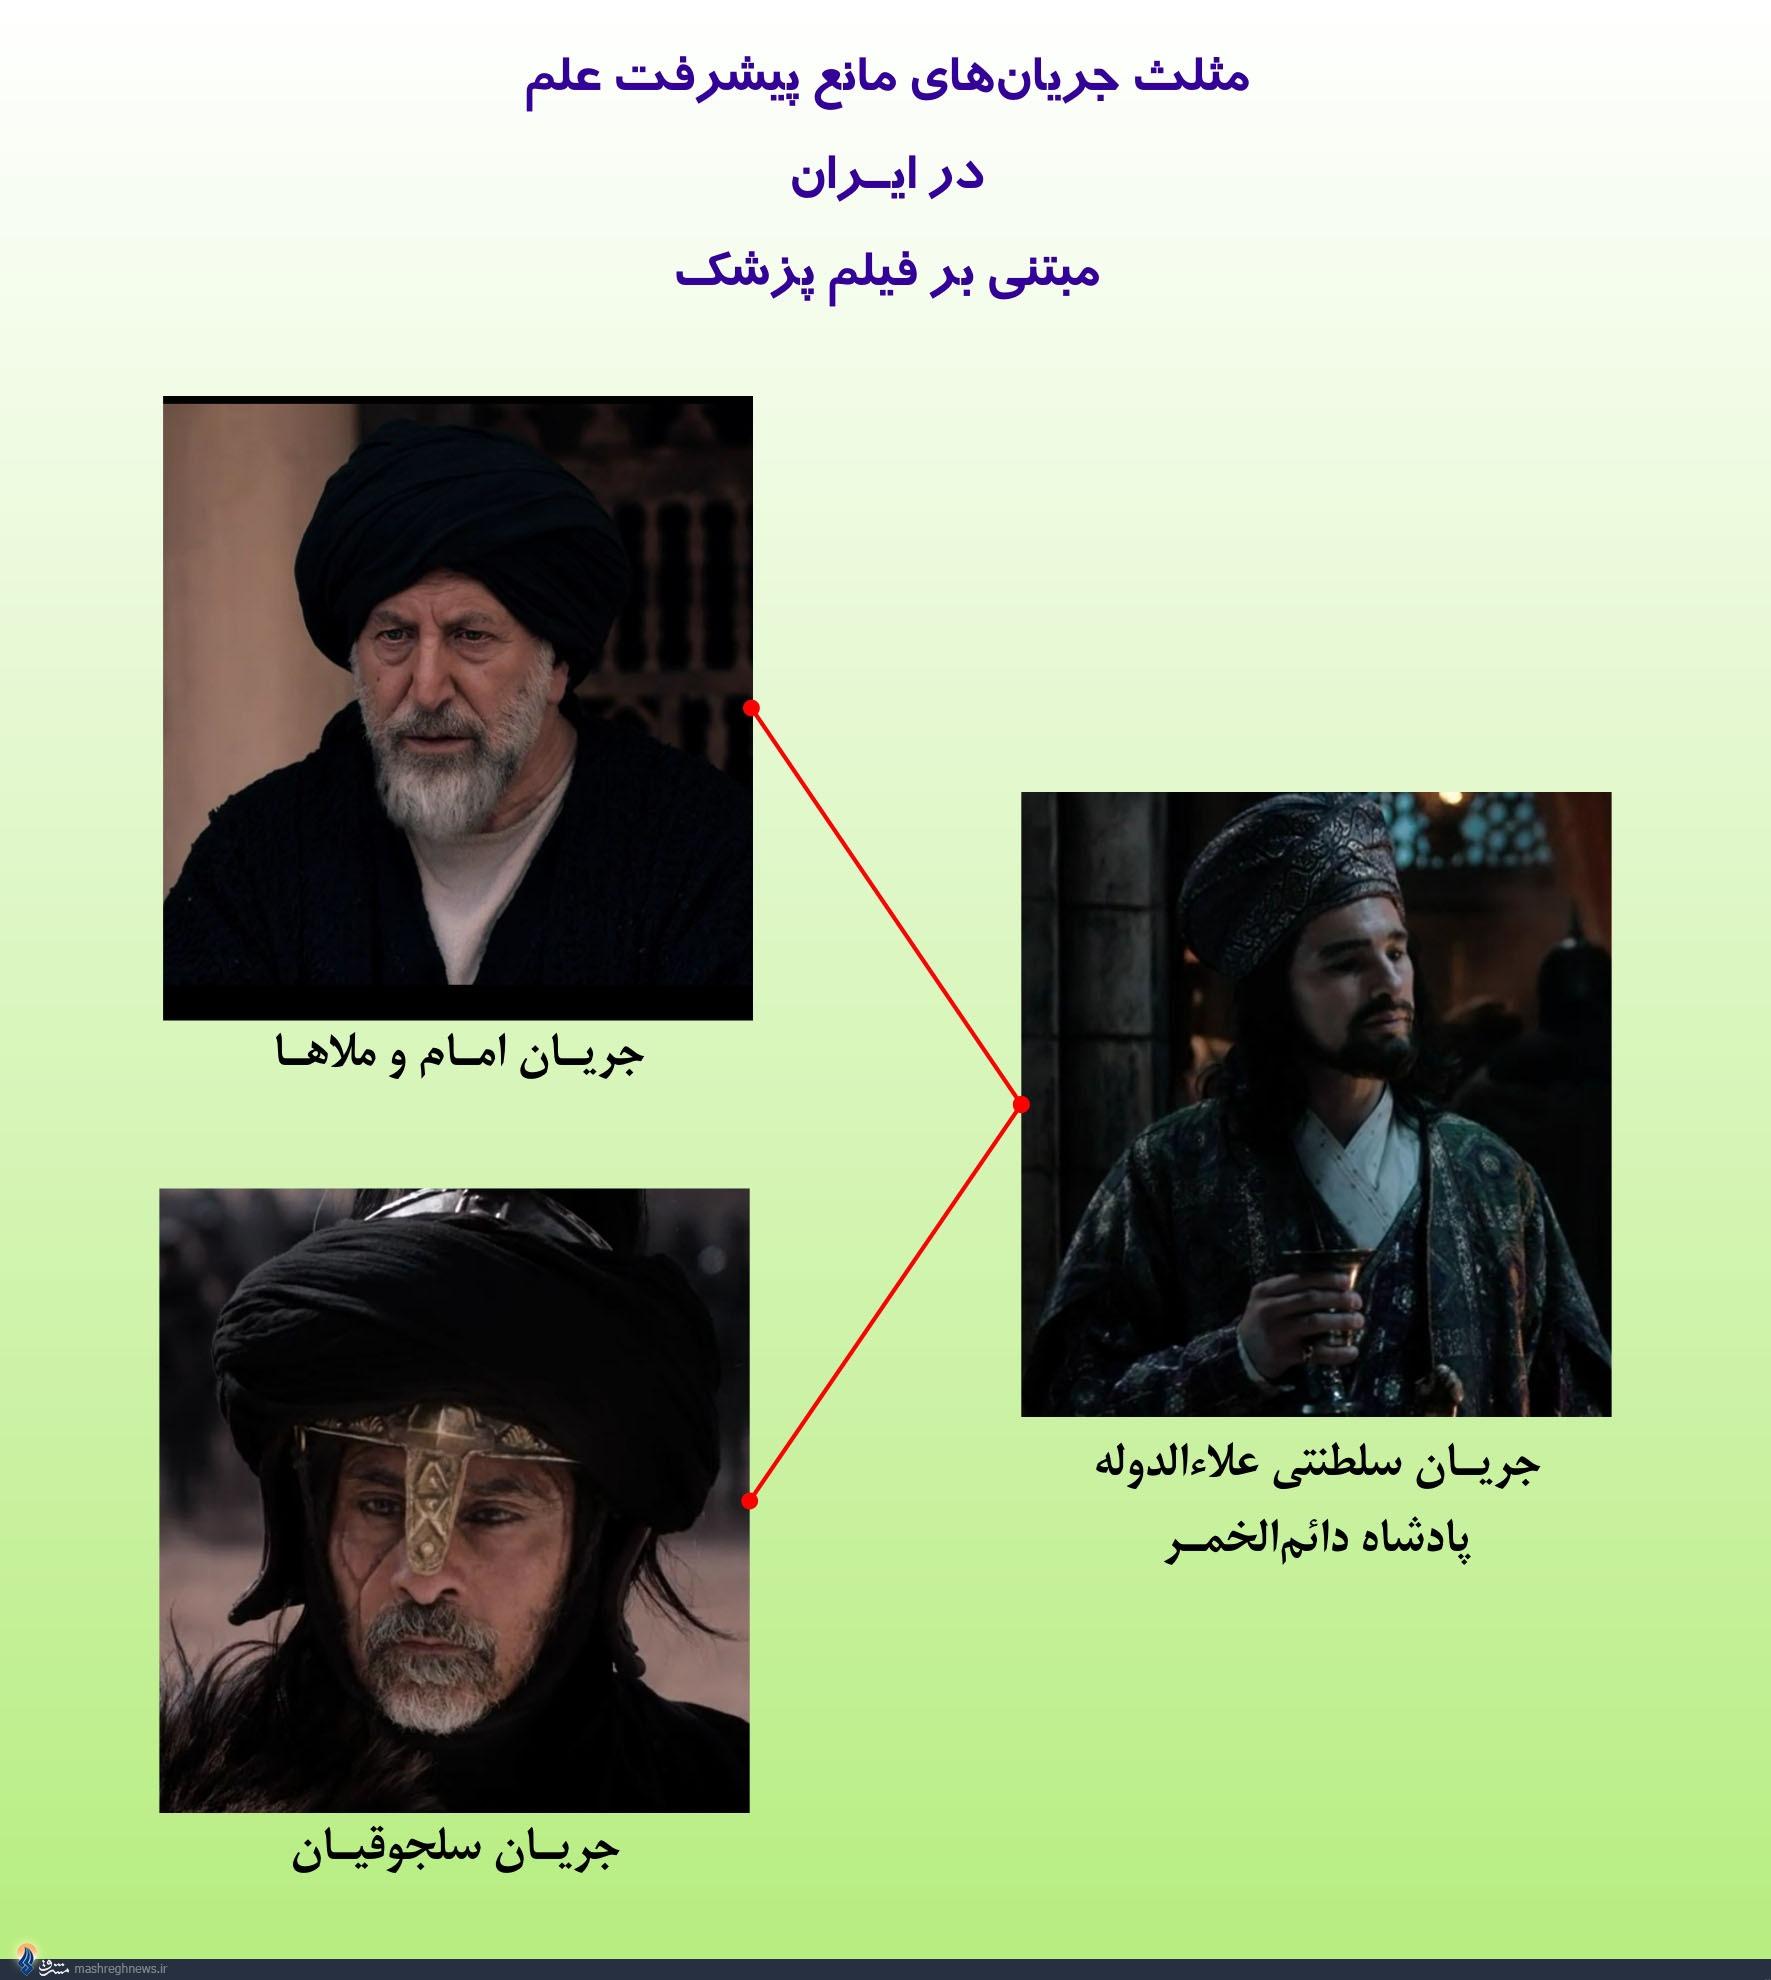 ابنسینا در محاصره یهودیان + تصاویر // در حال ویرایش